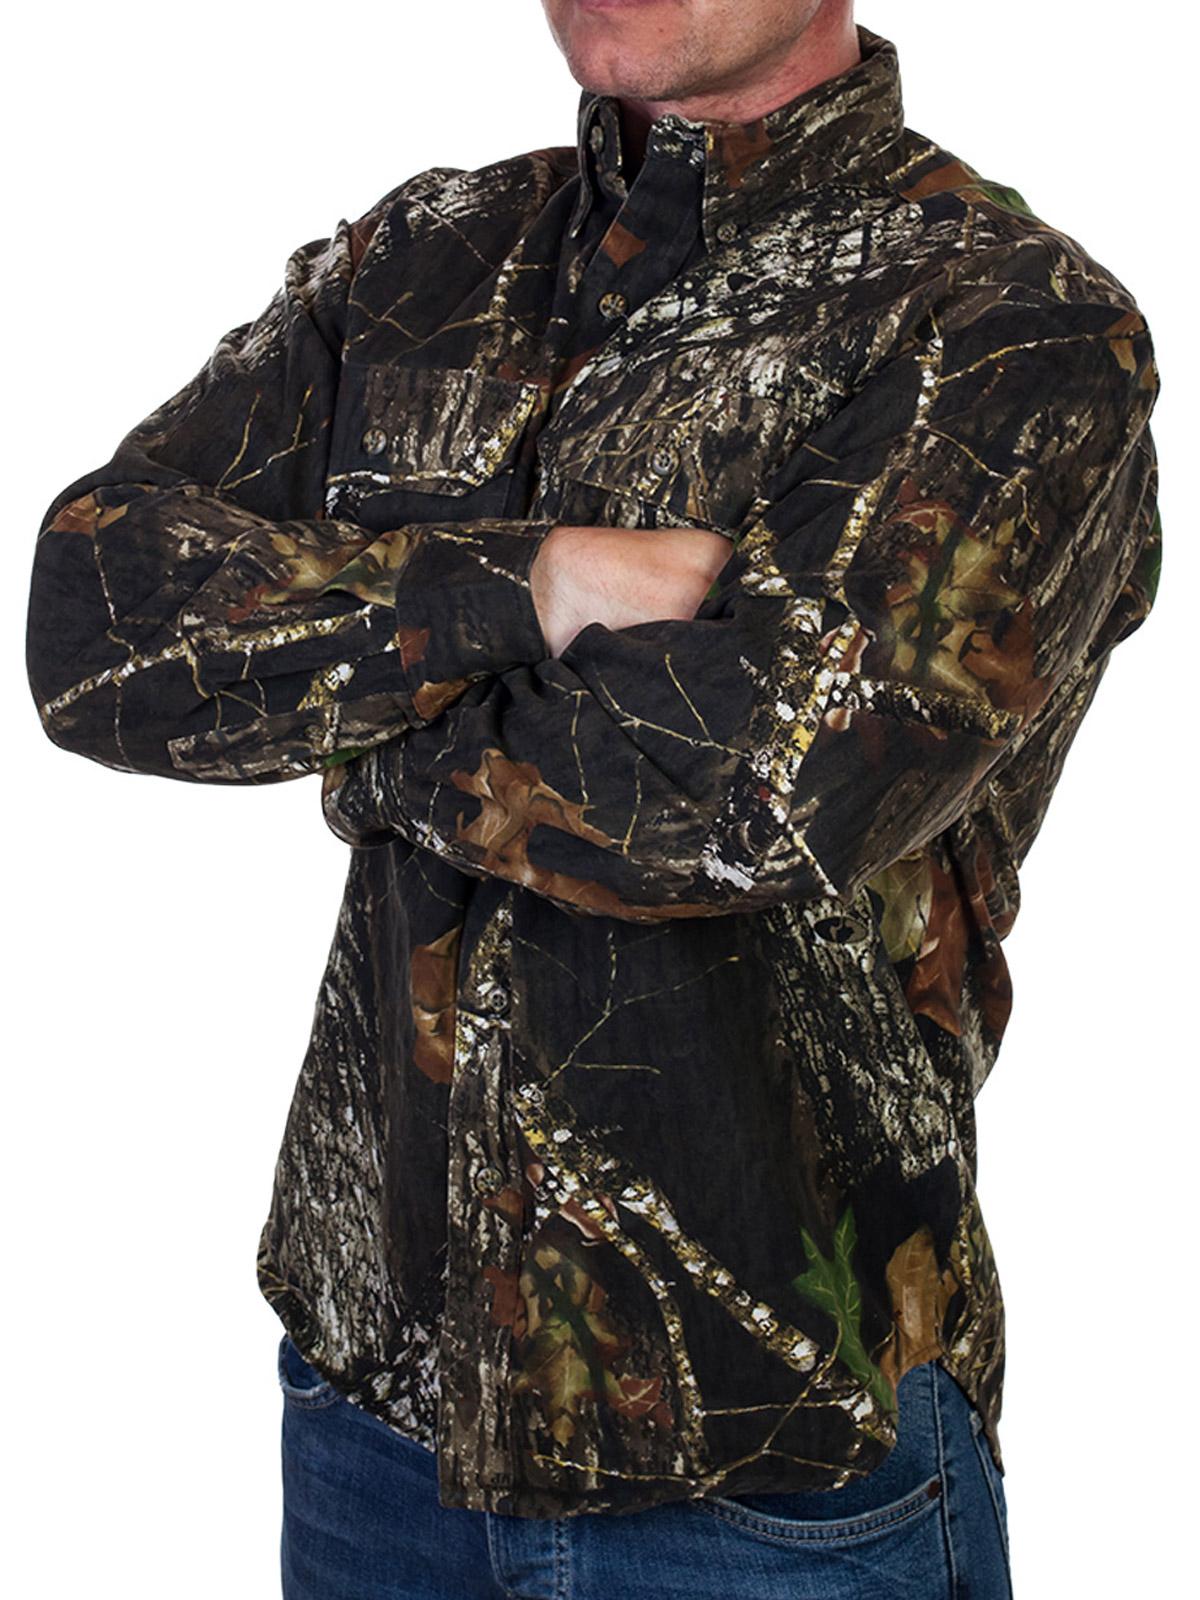 Рубашка охотника от Mossy Oak (США)